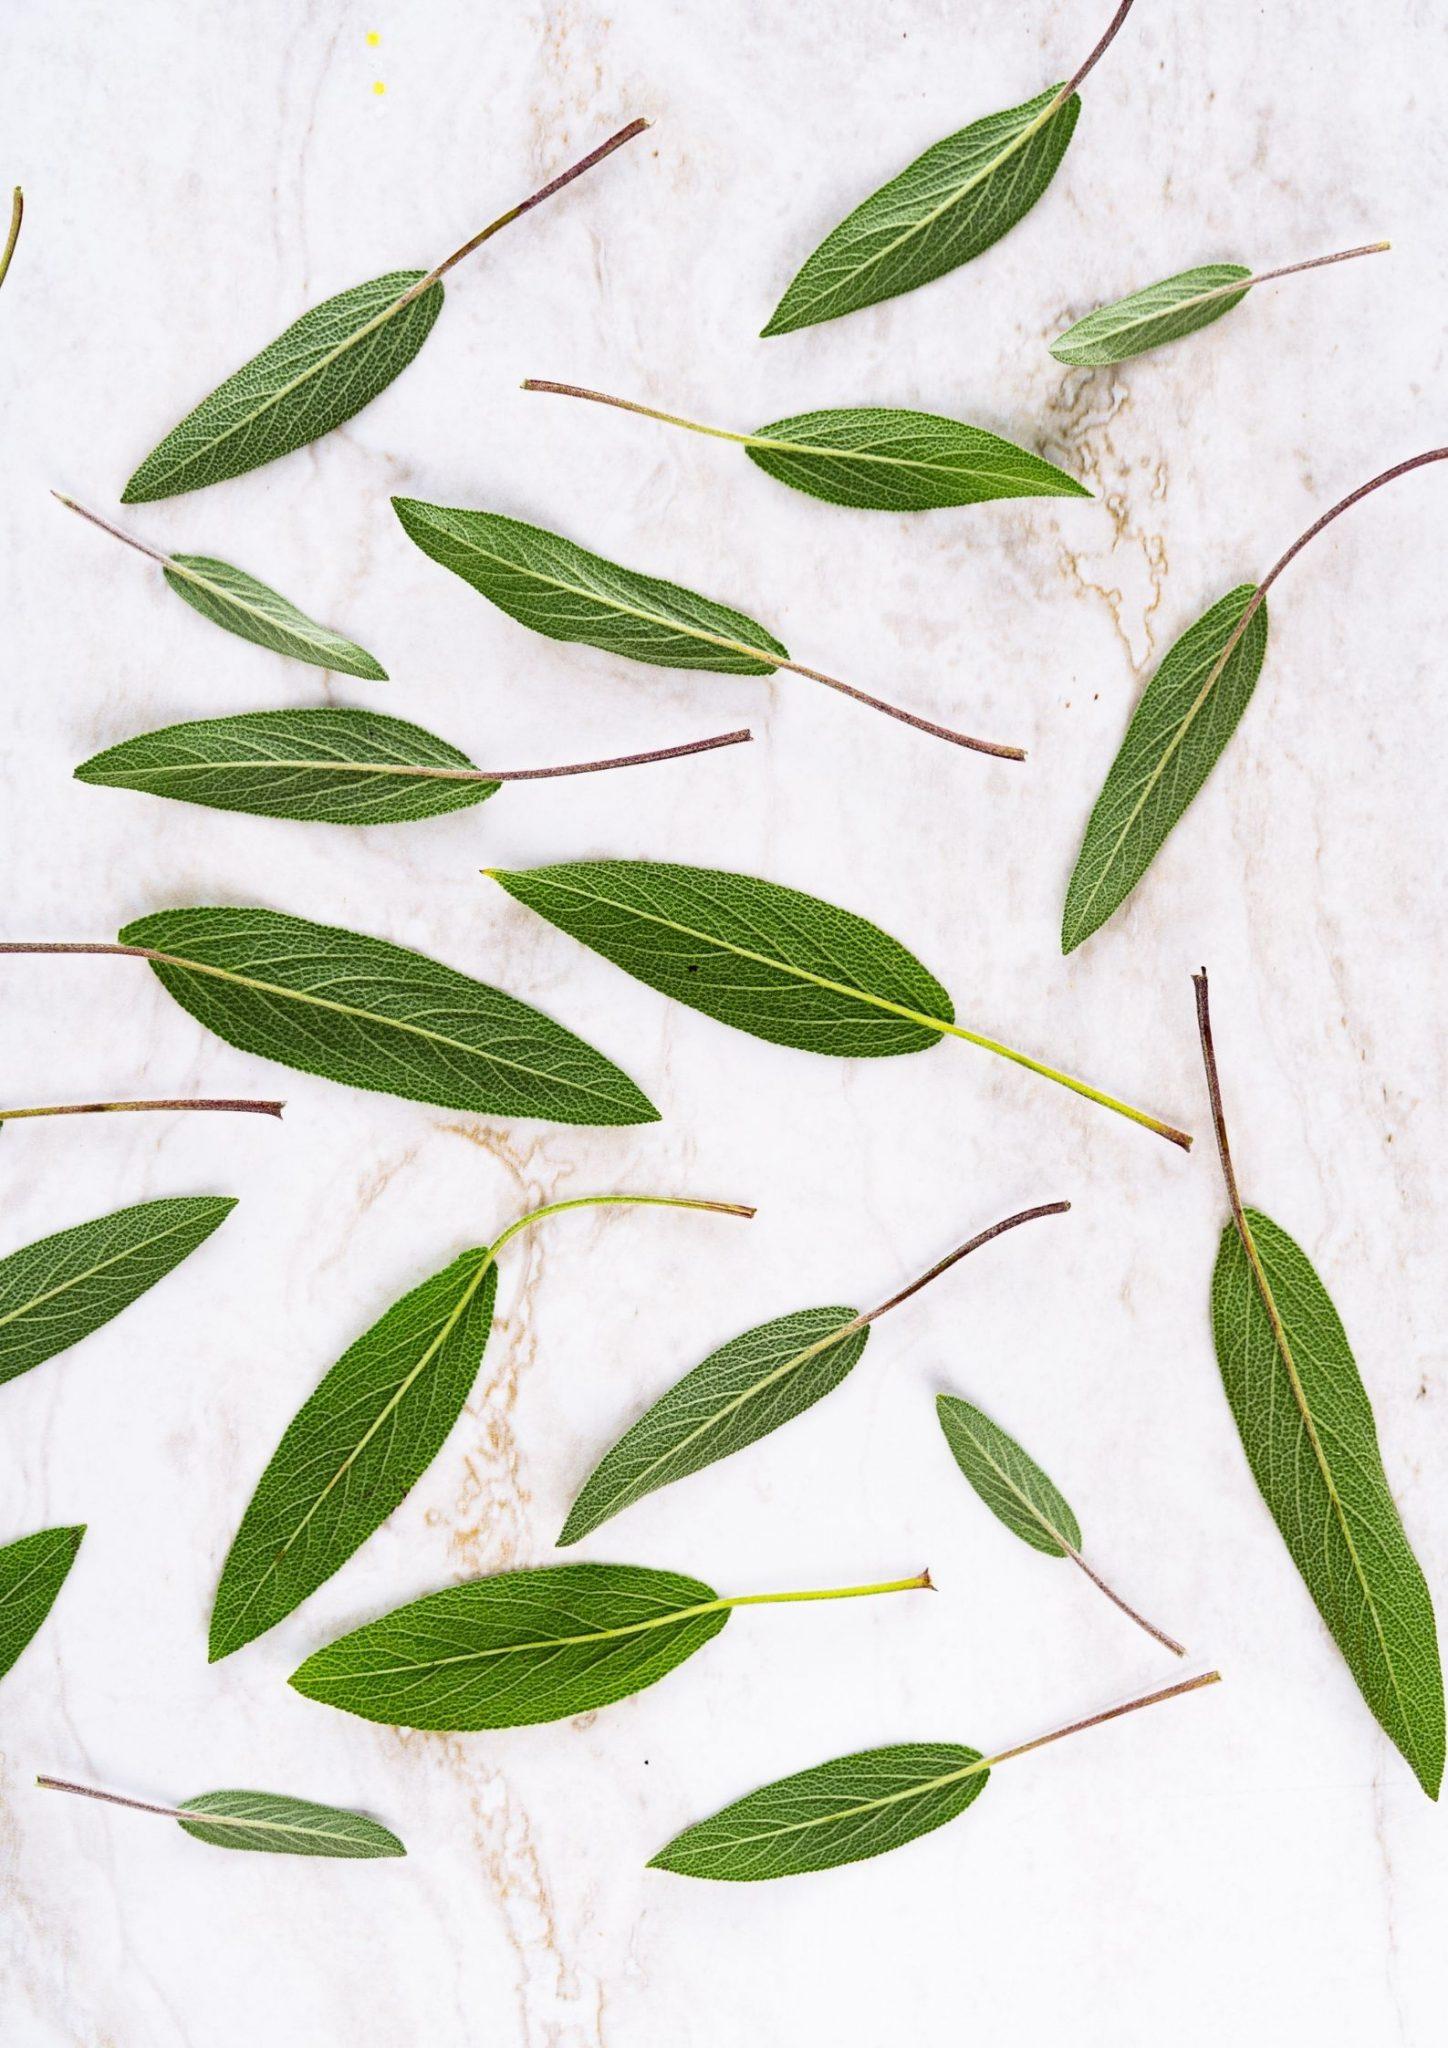 Grüne Blätter auf weißem Untergrund